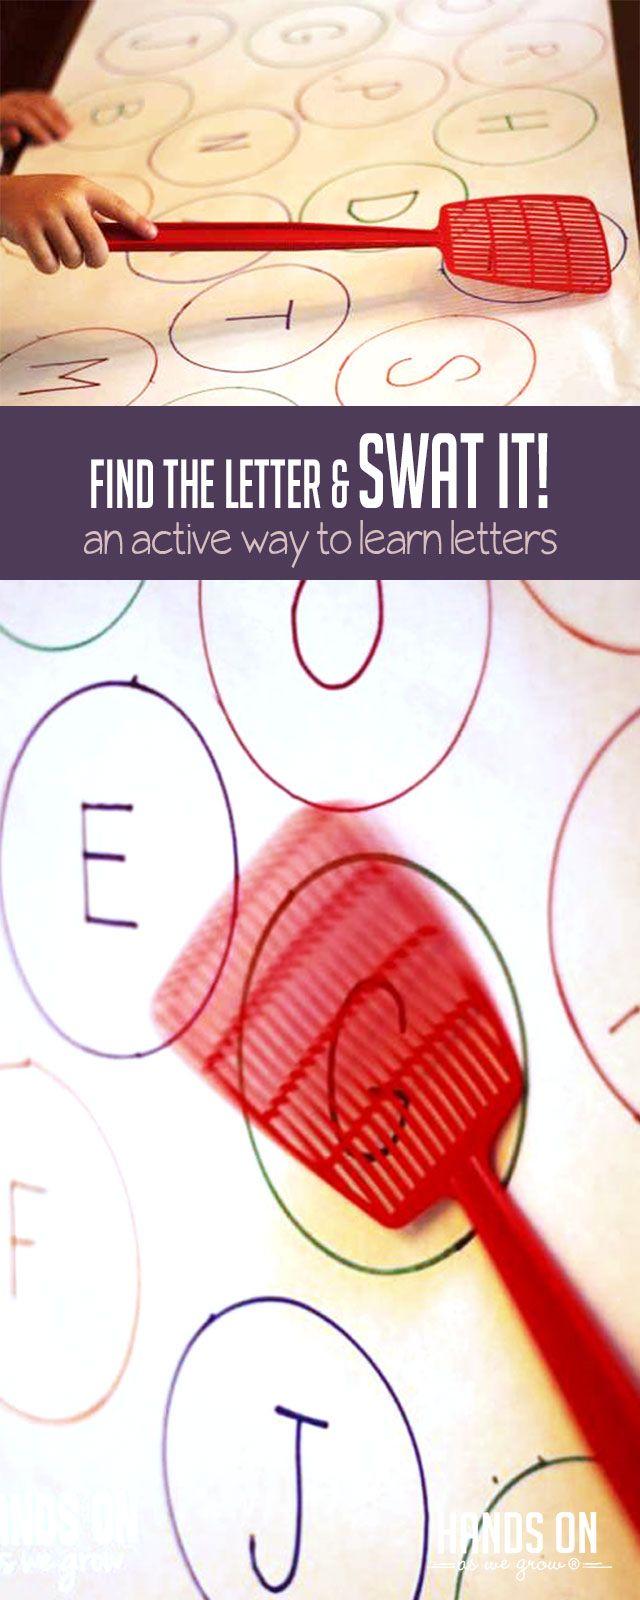 Finde den Buchstaben und klopfe ihn! Aktive Art, Briefe zu lernen!   – Aktivität Praktikum